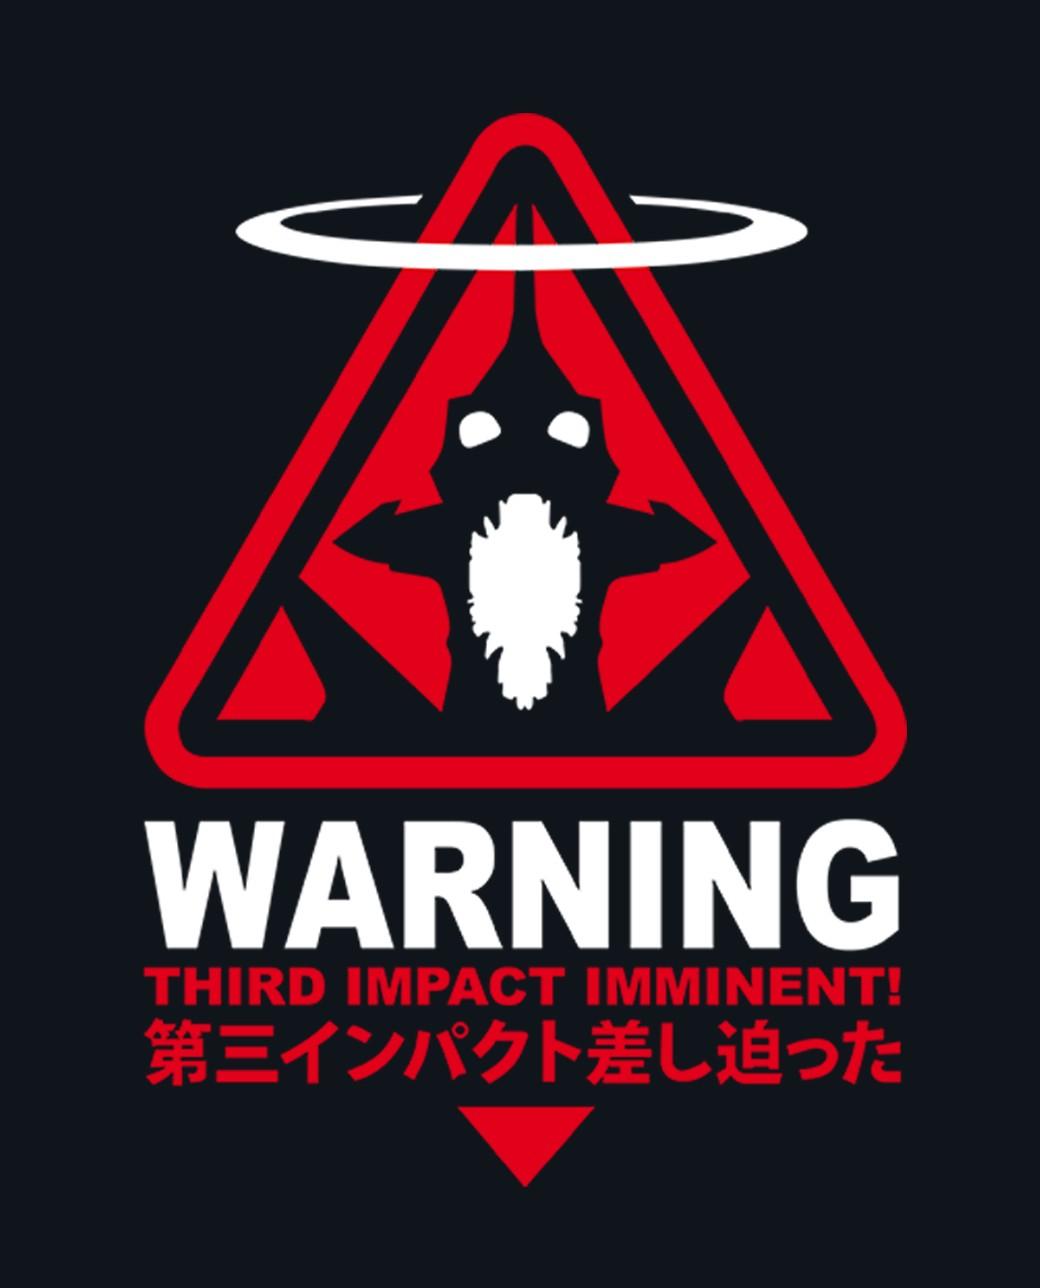 WARNING - A3